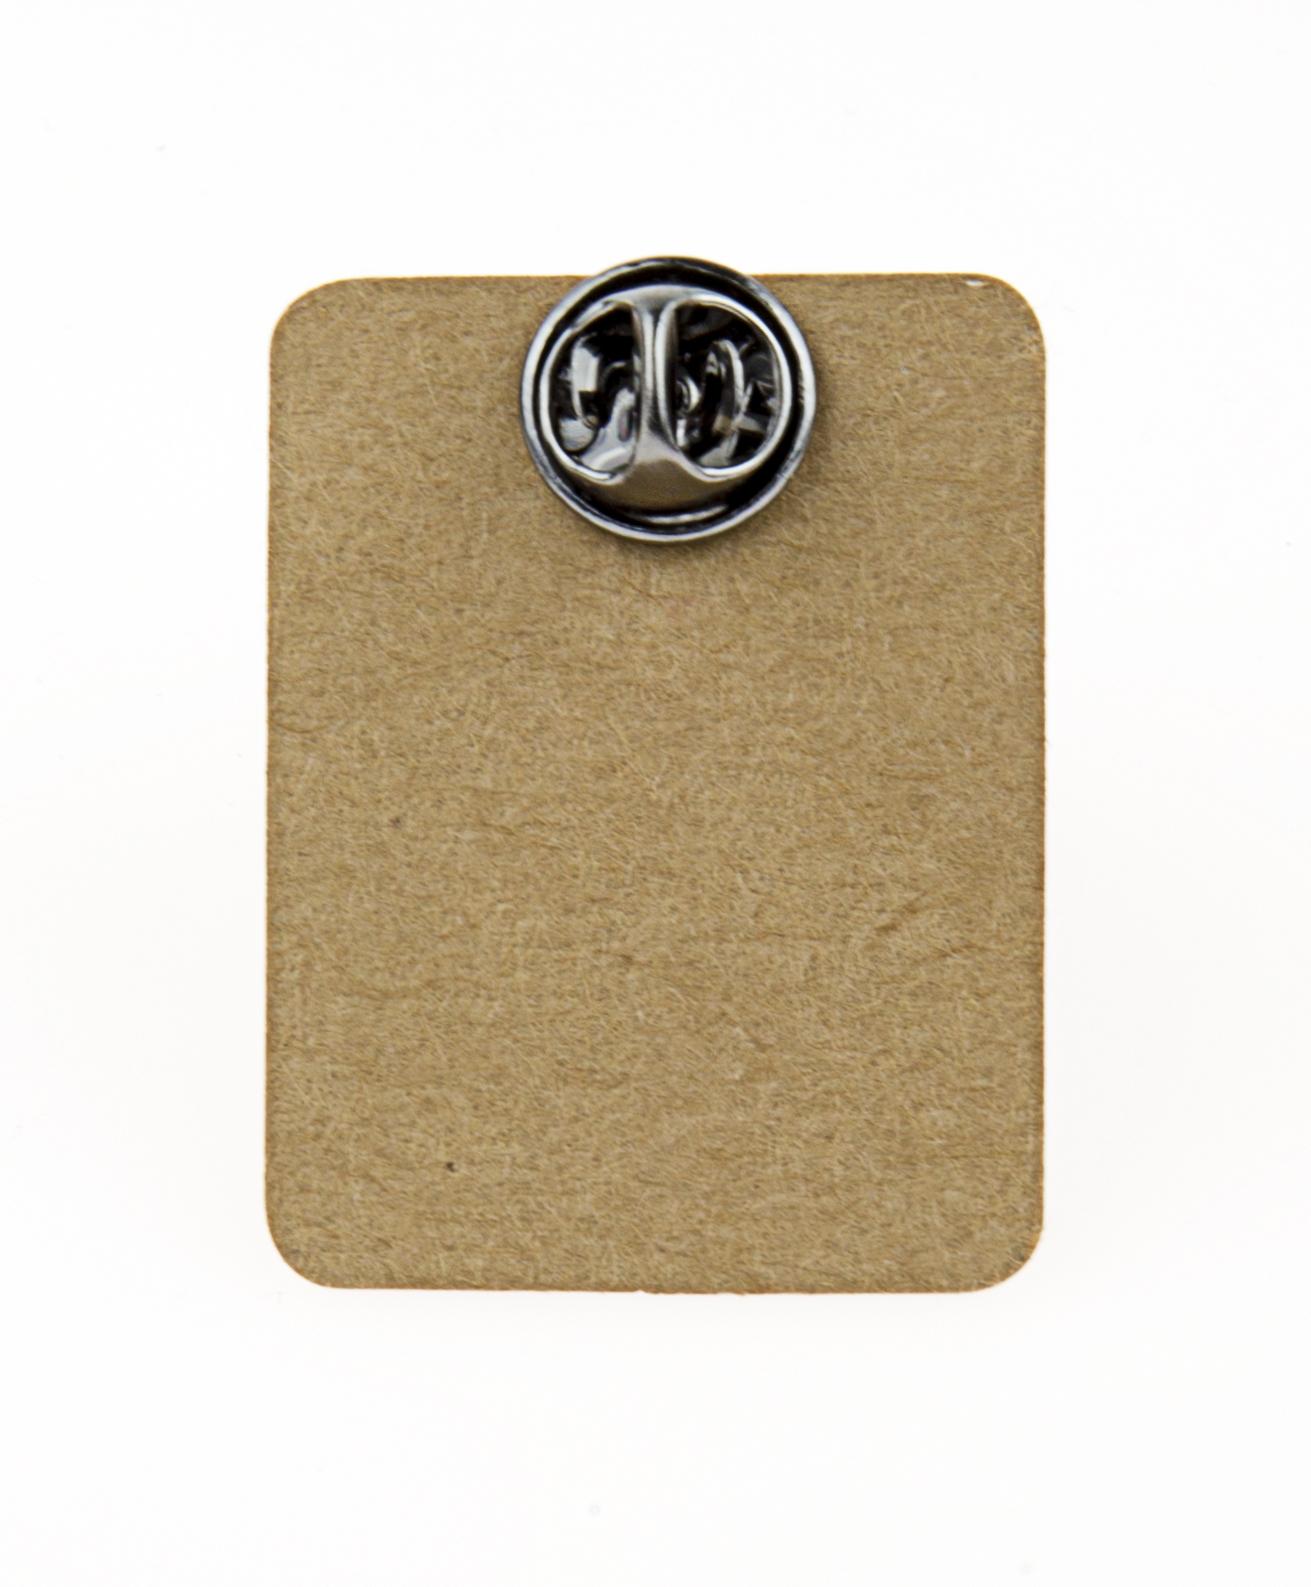 Metal Sad Ghost Enamel Pin Badge